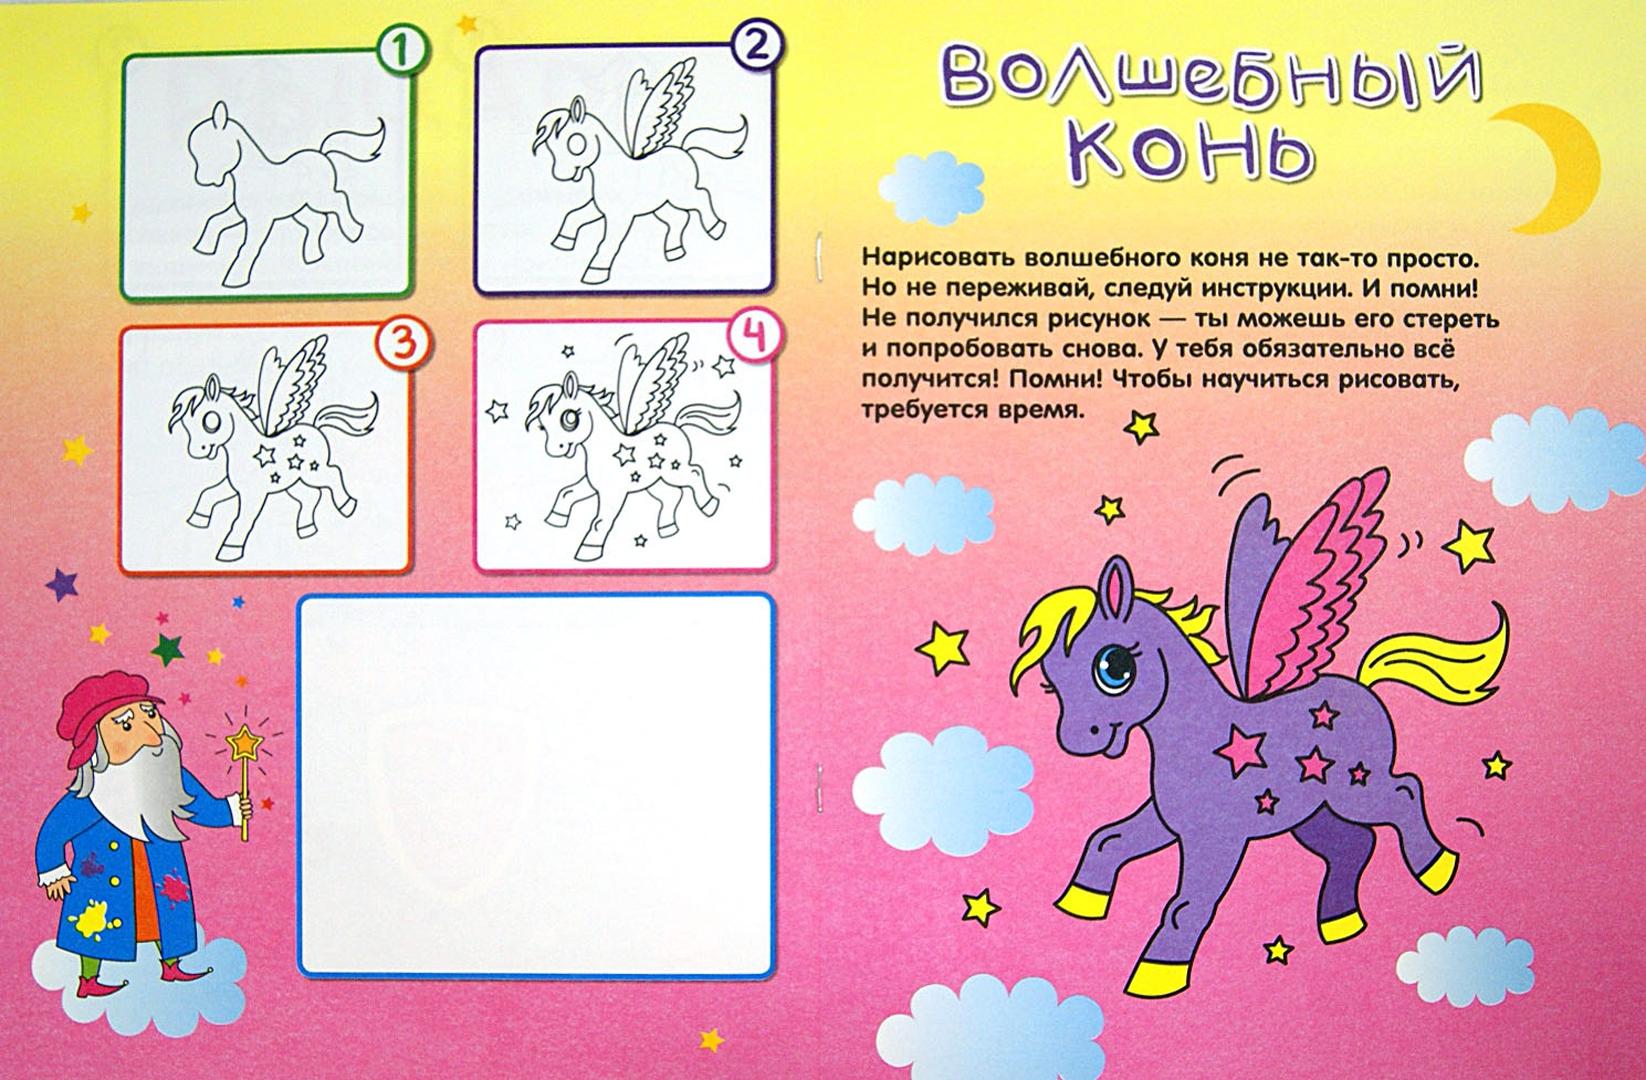 Иллюстрация 1 из 3 для Учимся рисовать. Сказочные герои | Лабиринт - книги. Источник: Лабиринт